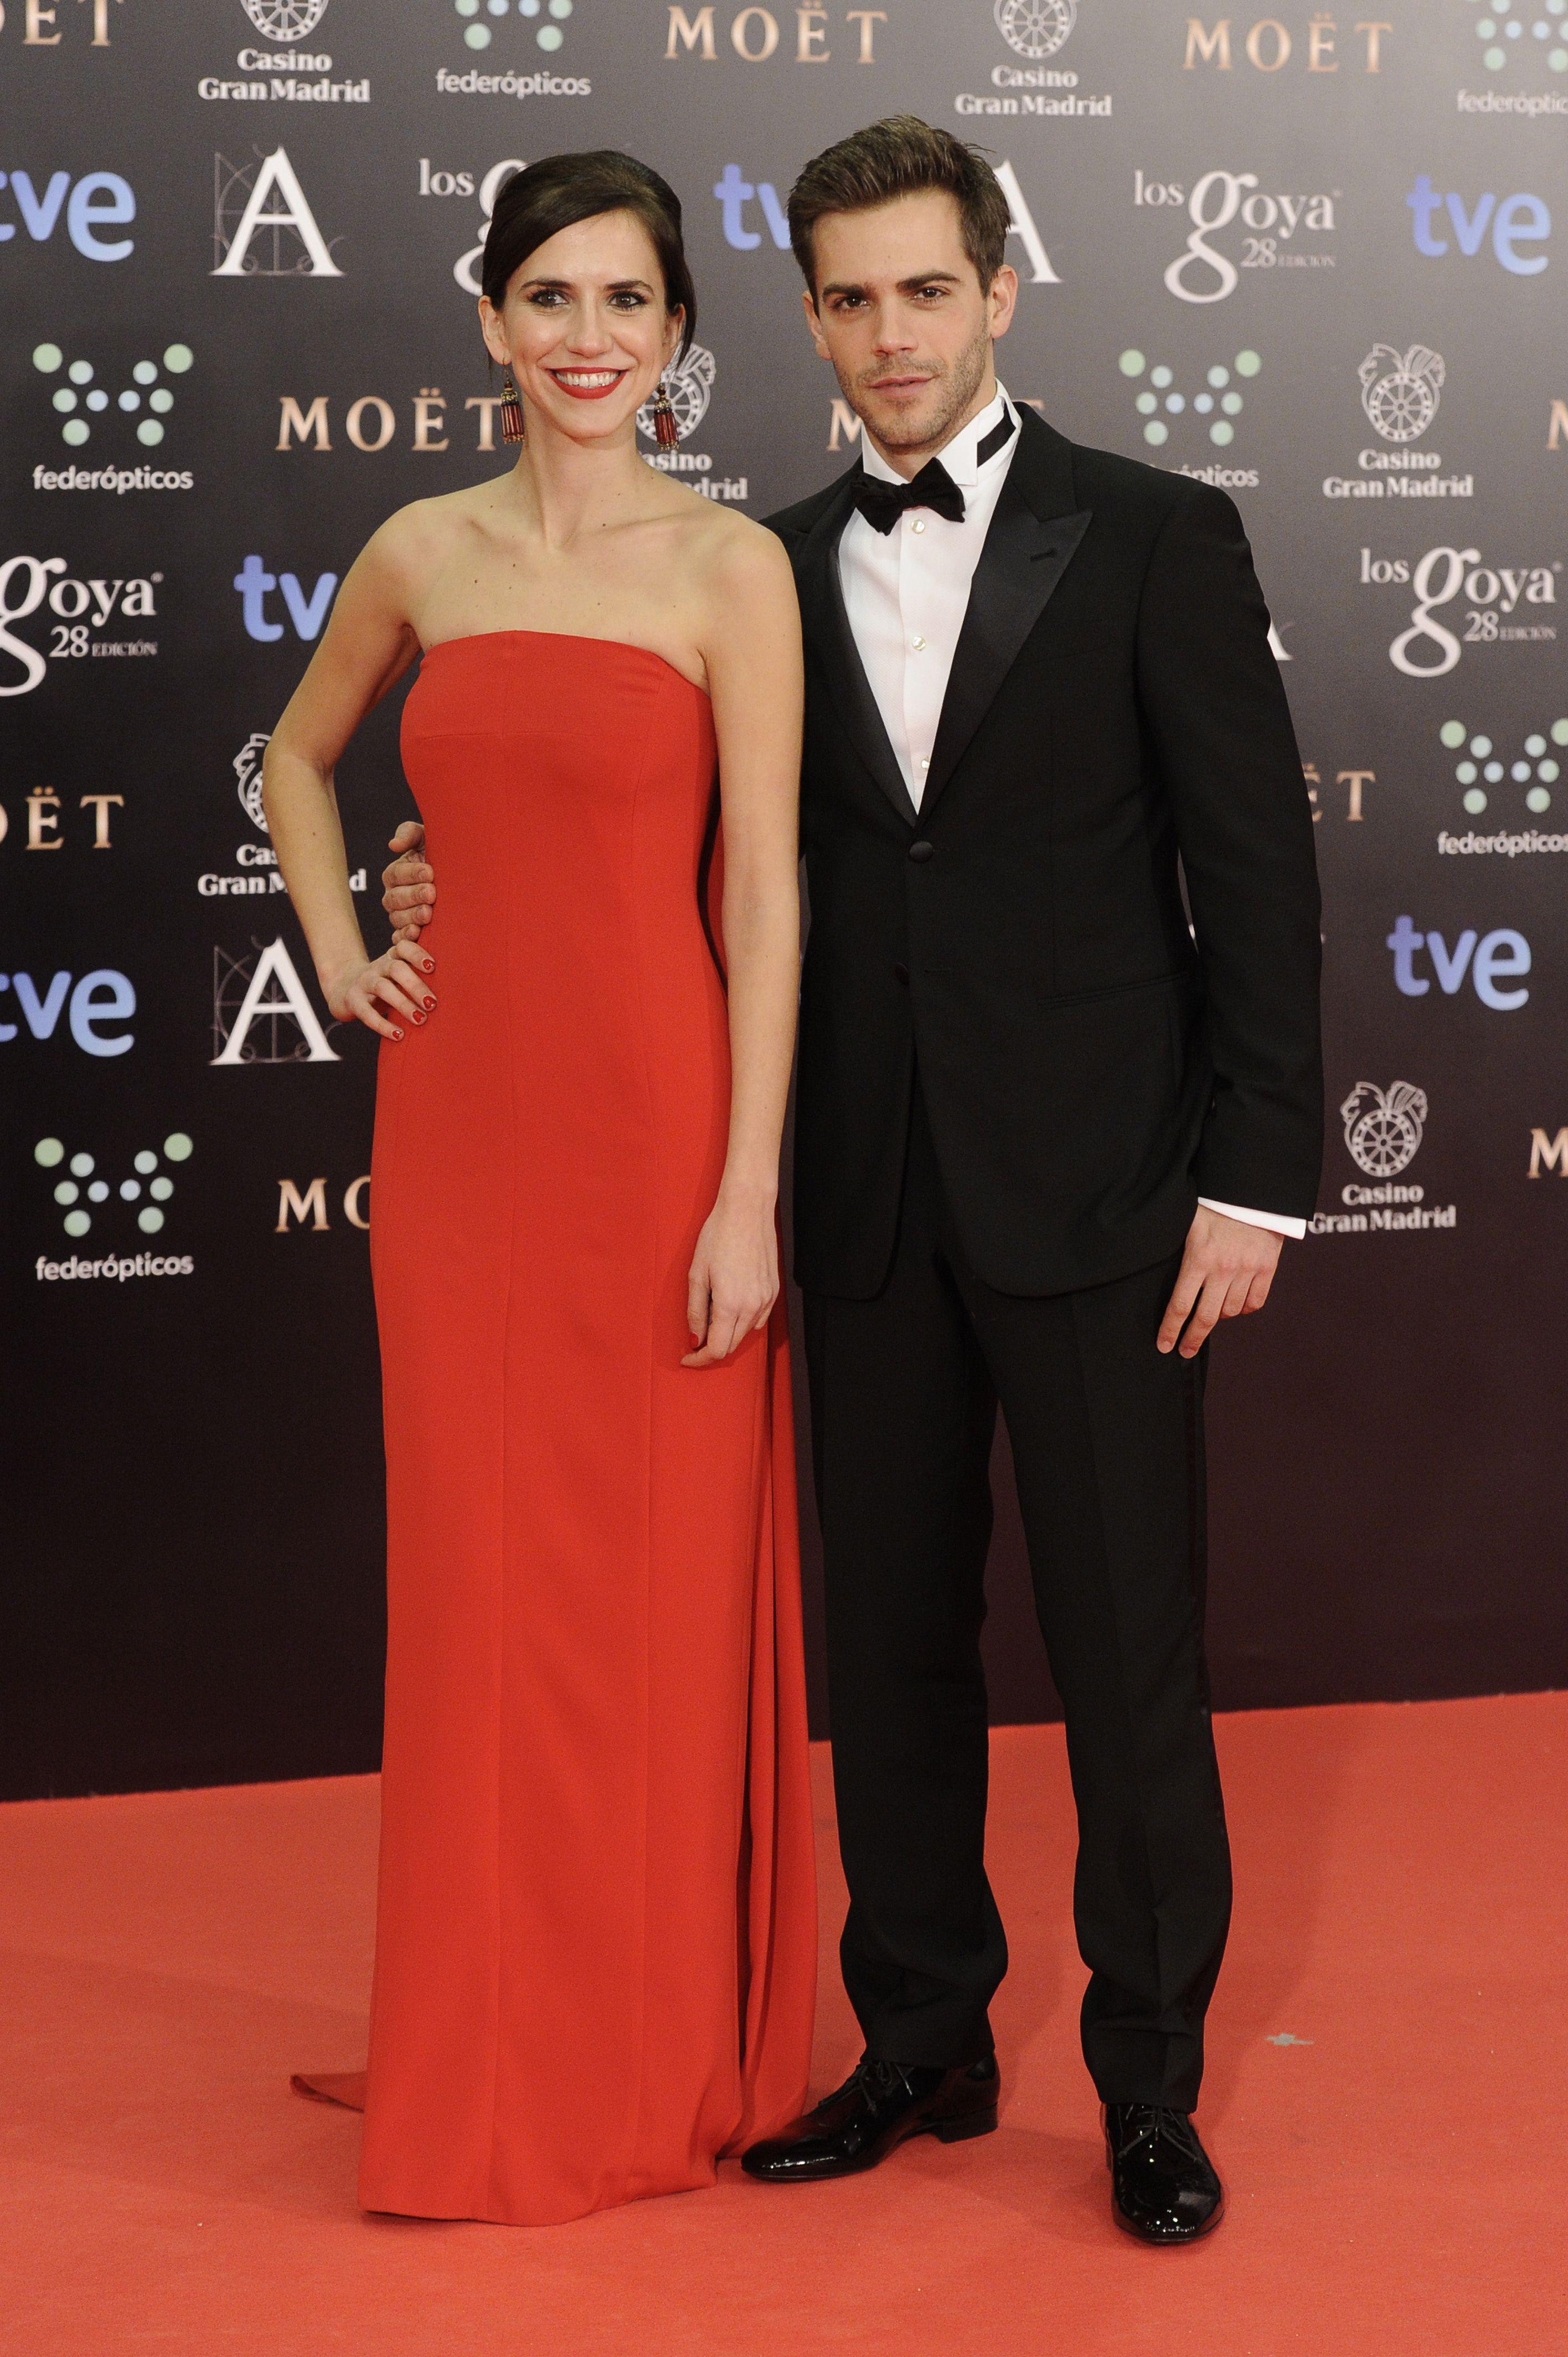 Premios Goya 2014. Aina y Marc Clotet